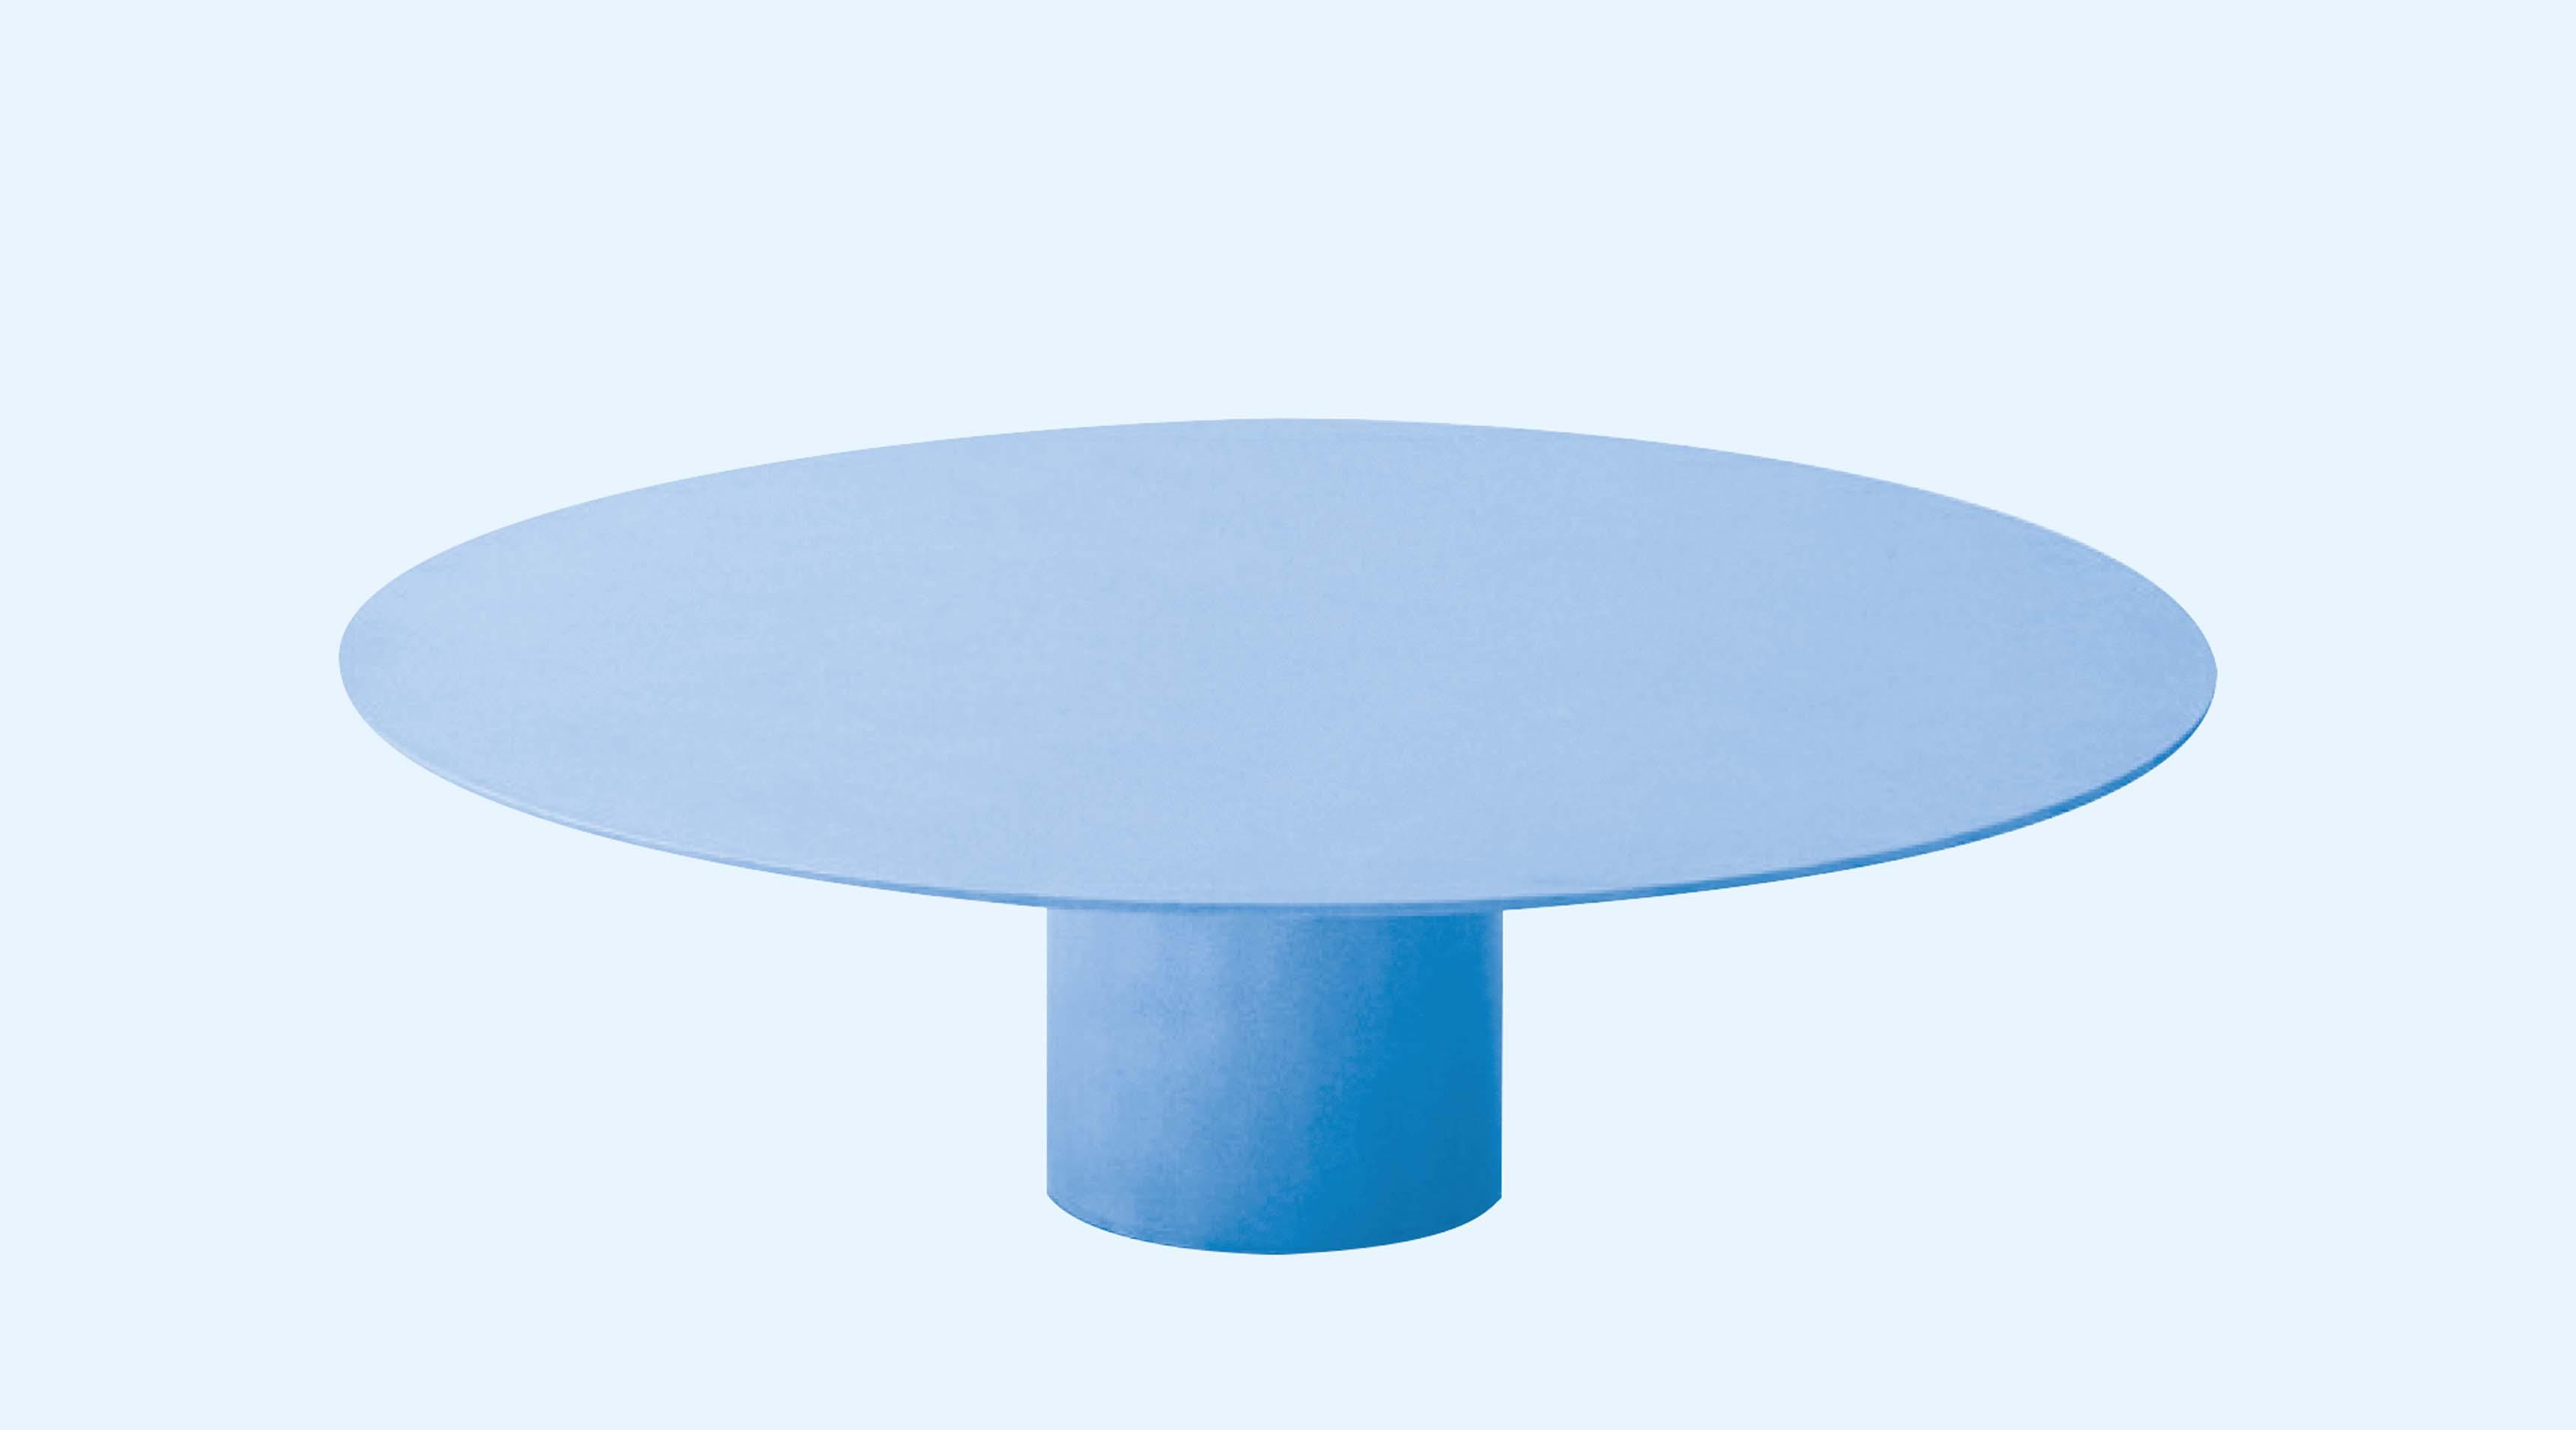 """Solaris de Martin Szekely (2007). Table basse en acier, finition """"bianco"""", édition numérotée, signée et limitée à 8 ex. + 2 AP + 2 prot. Éditée par la Galerie kreo"""